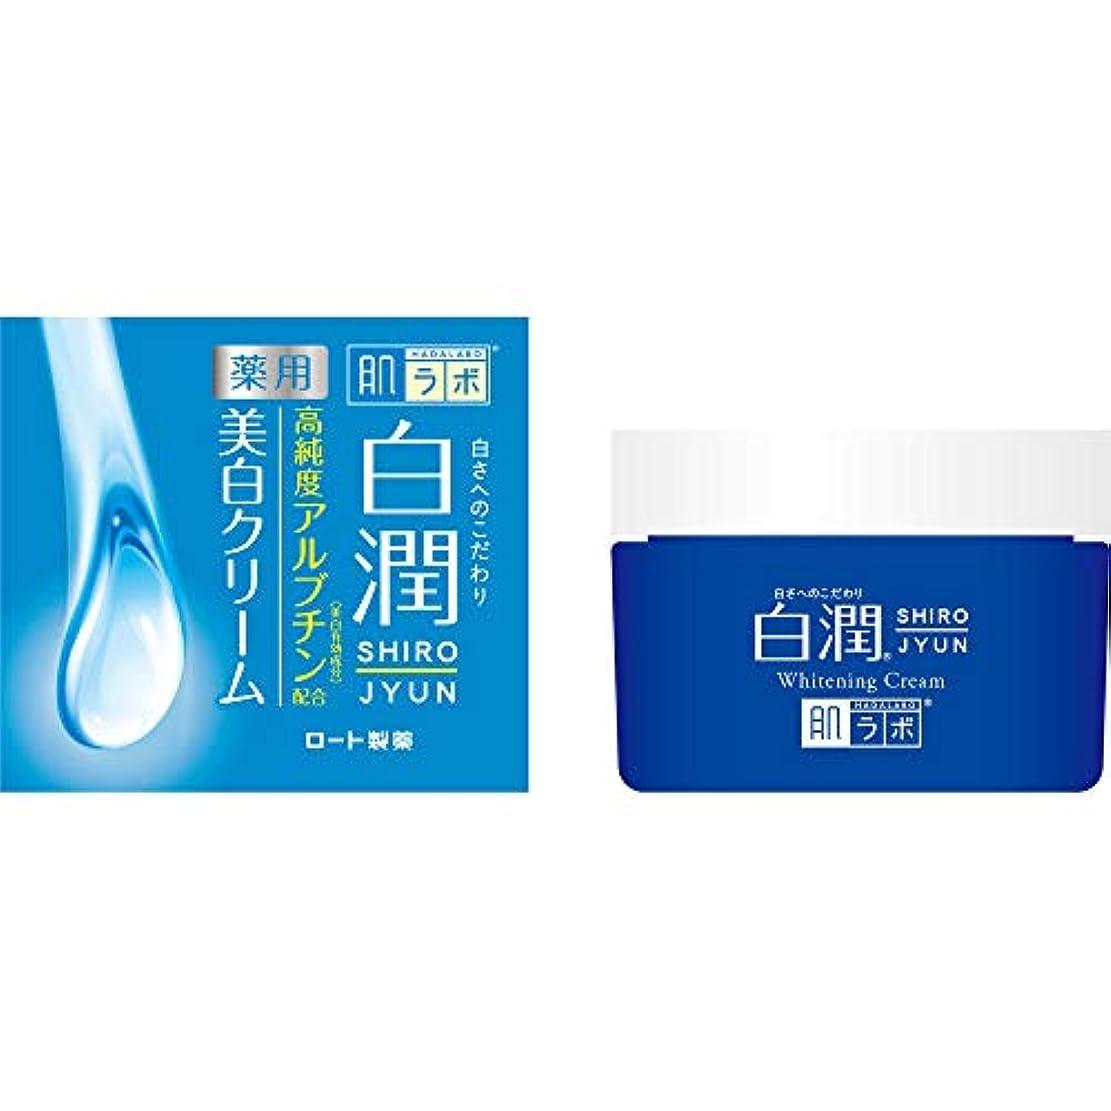 ビン中パーティー肌研(ハダラボ) 白潤 薬用美白クリーム 50g【医薬部外品】